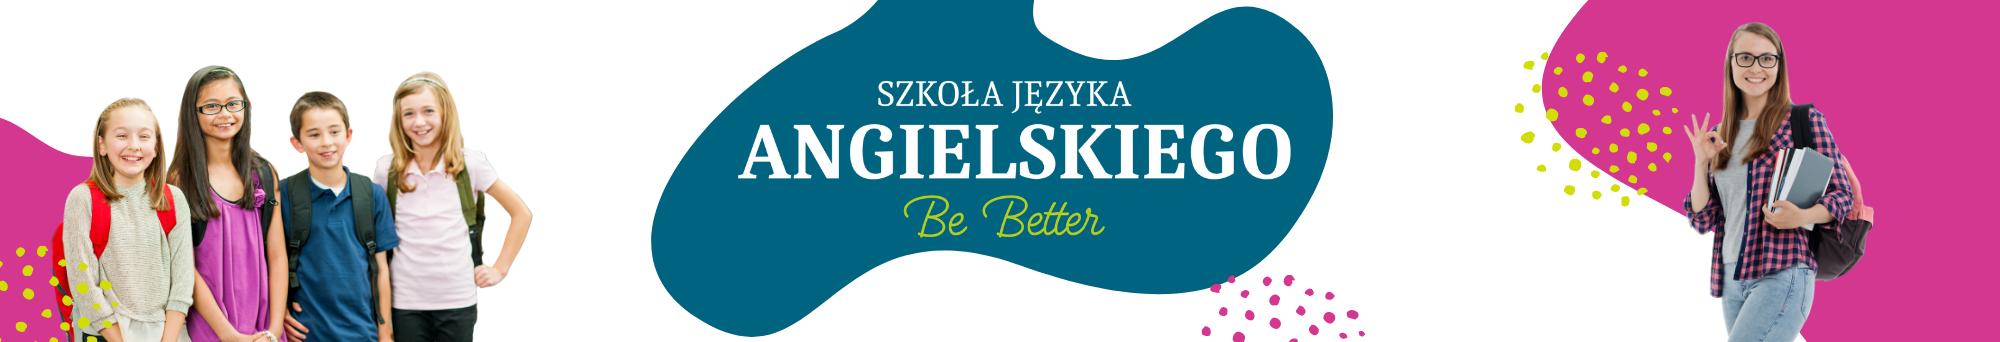 Szkoła Języka Angielskiego Be Better - slide 1